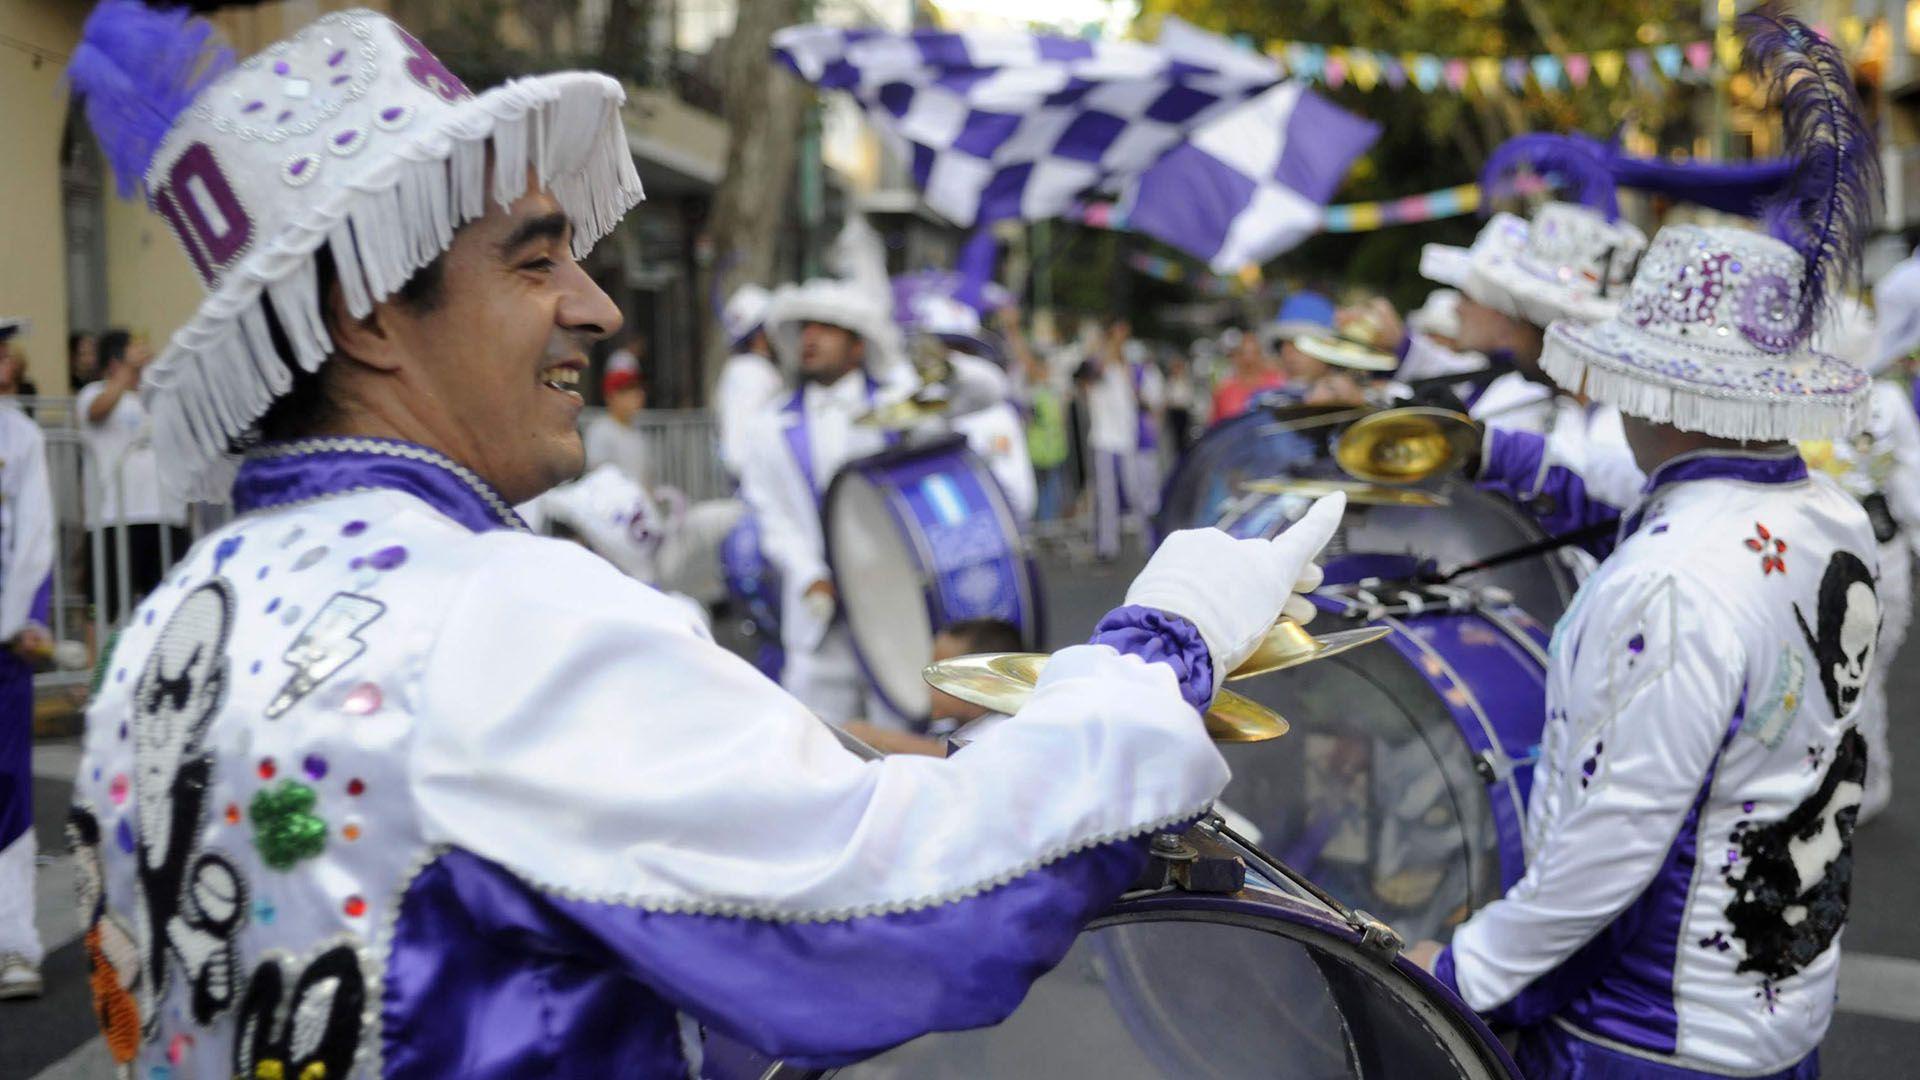 Las mejores murgas porteñas desfilarán por la histórica Avenida de Mayo (de Bolívar a Bernardo de Irigoyen) acompañadas por la colectividad boliviana (Fotos / Gentileza Ministerio de Cultura).